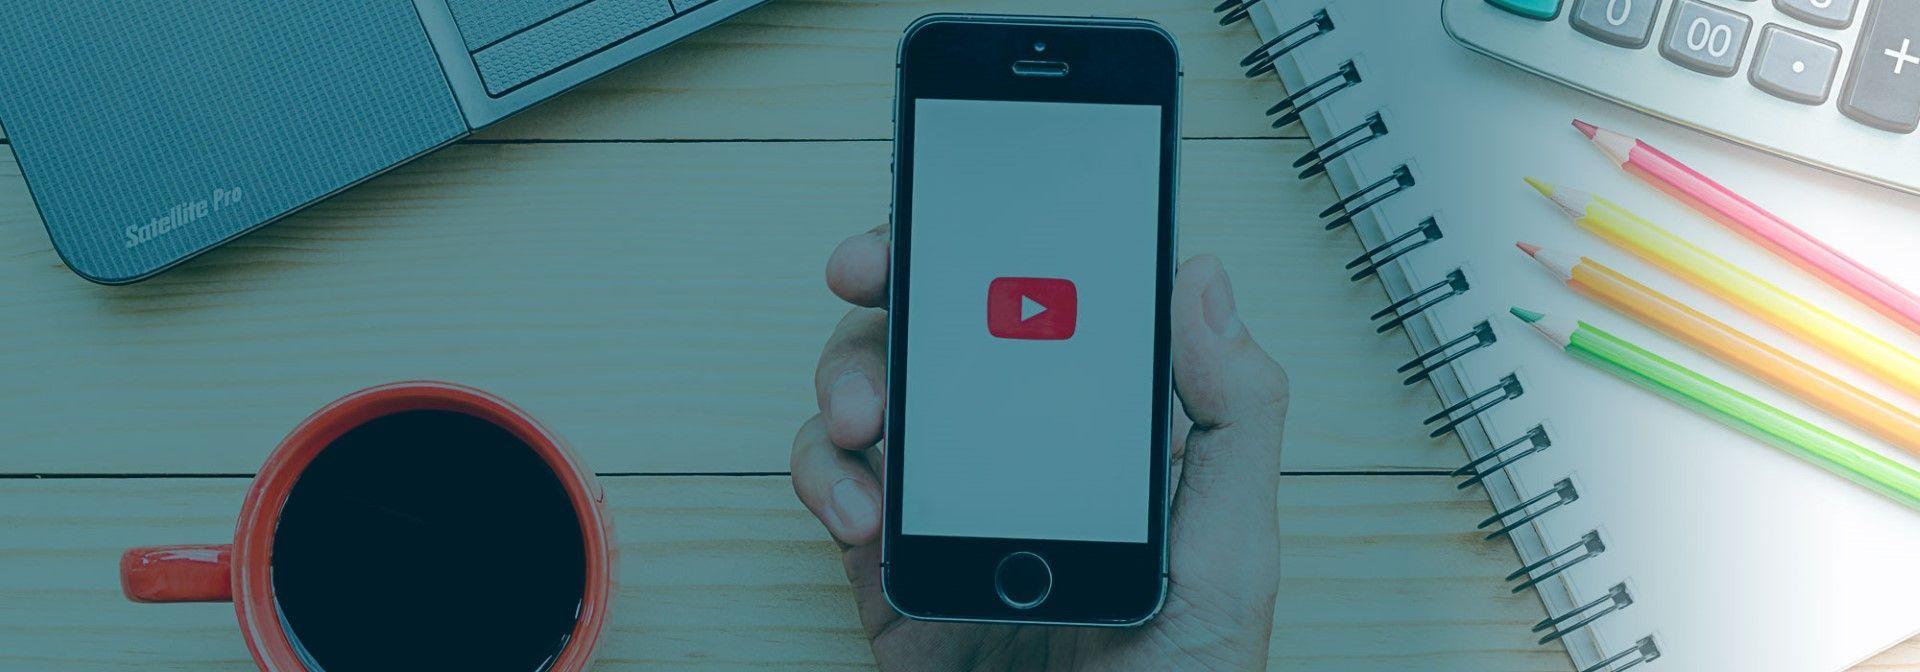 Youtube_Educativo